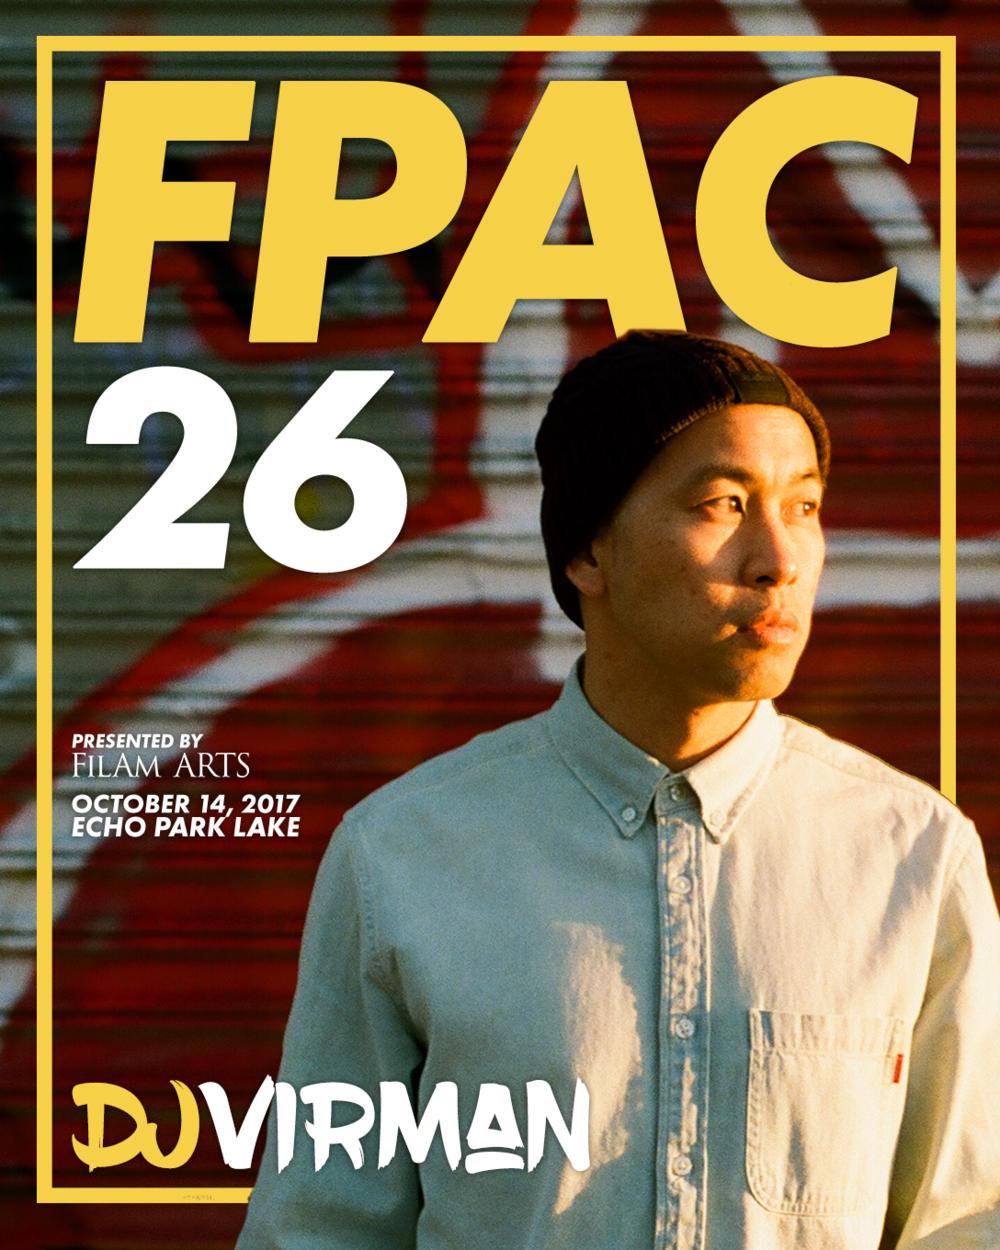 DJ Virman